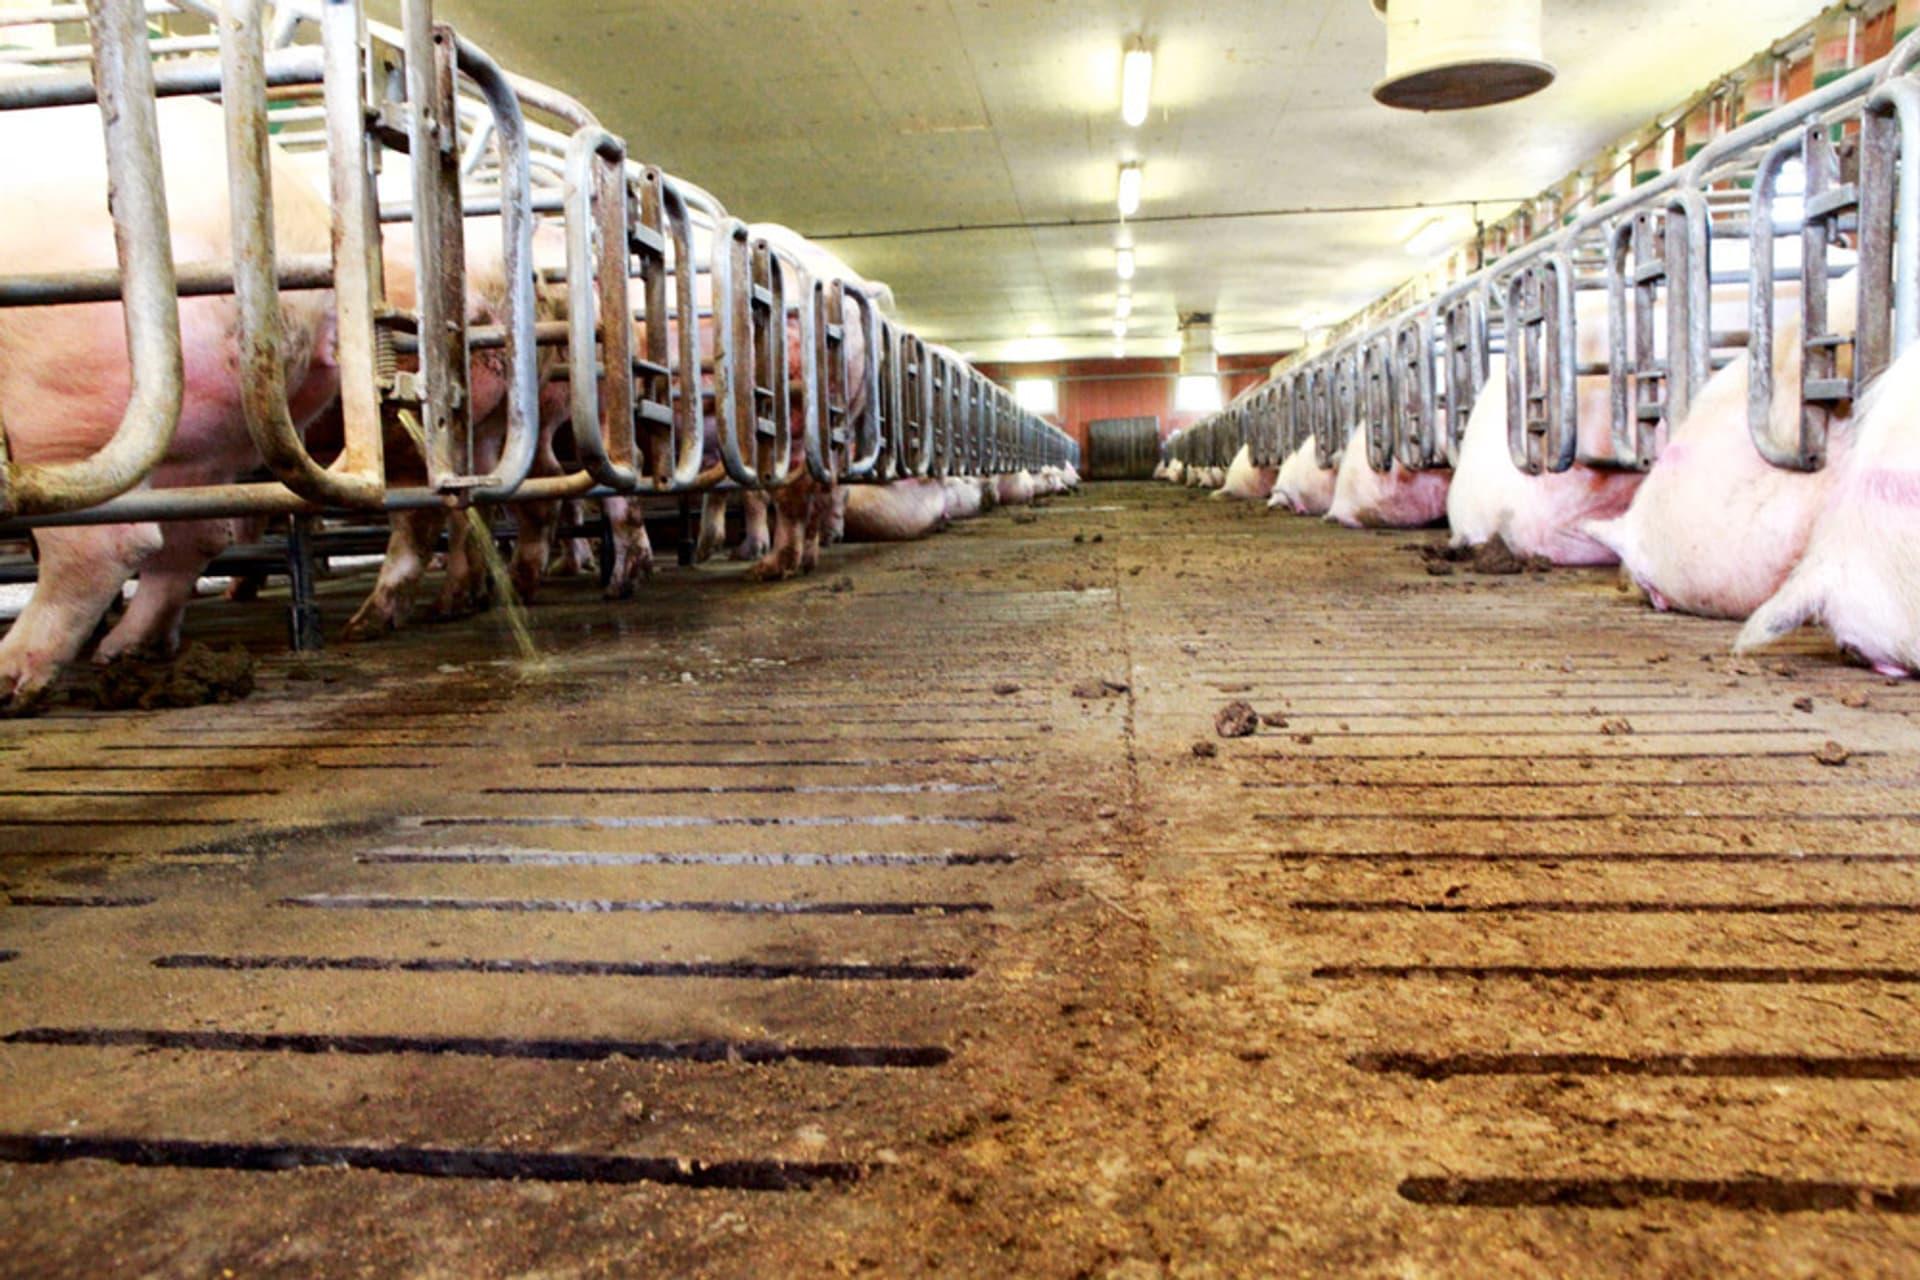 Ein riesiger Stall voll eng aneinander gereihter Schweine auf hartem Boden.